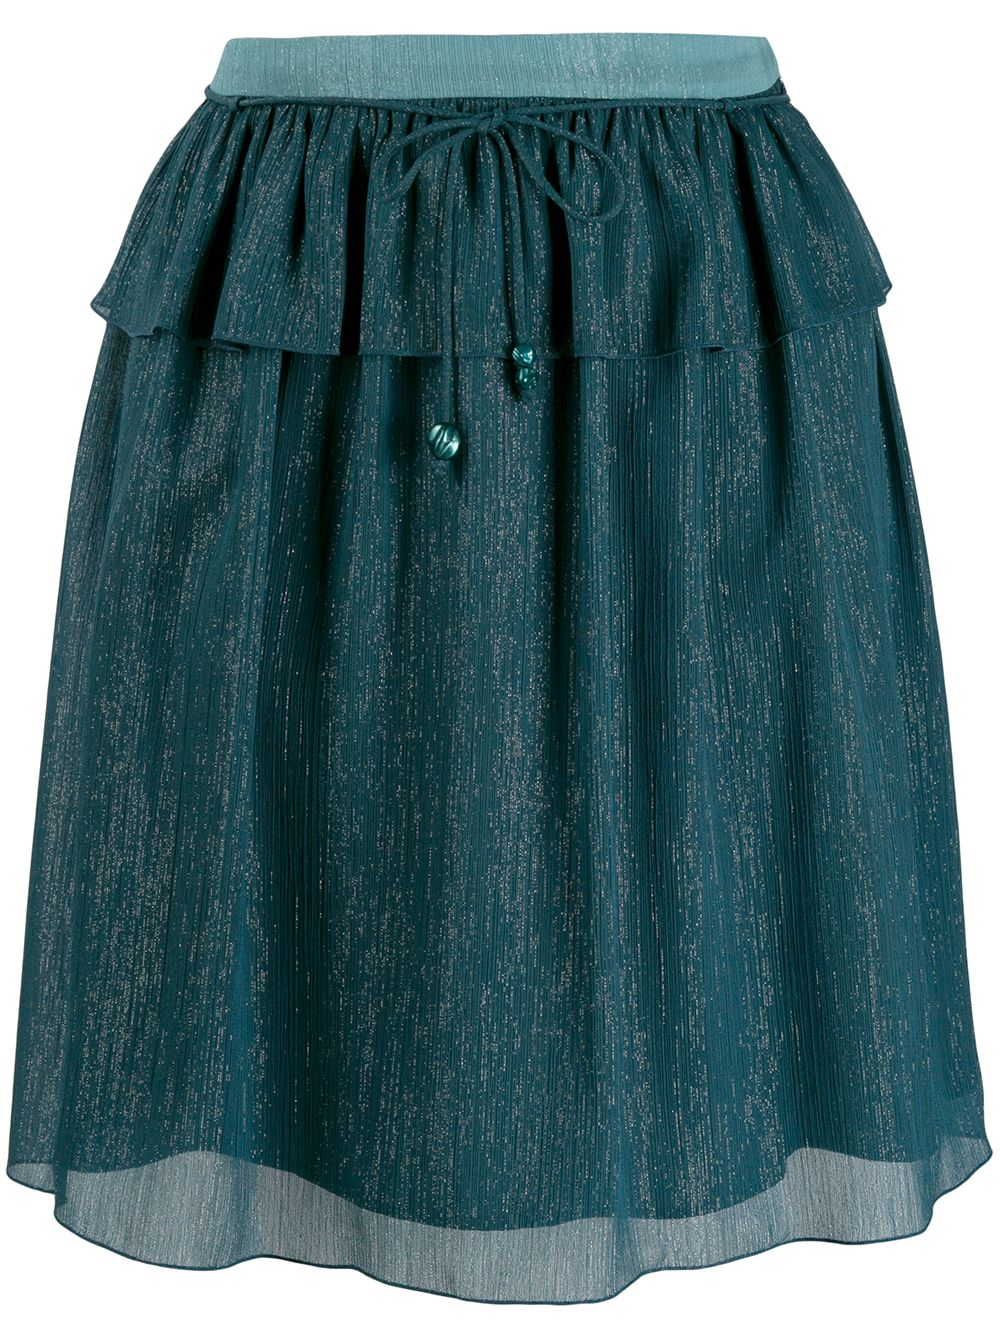 Metallized Skirt